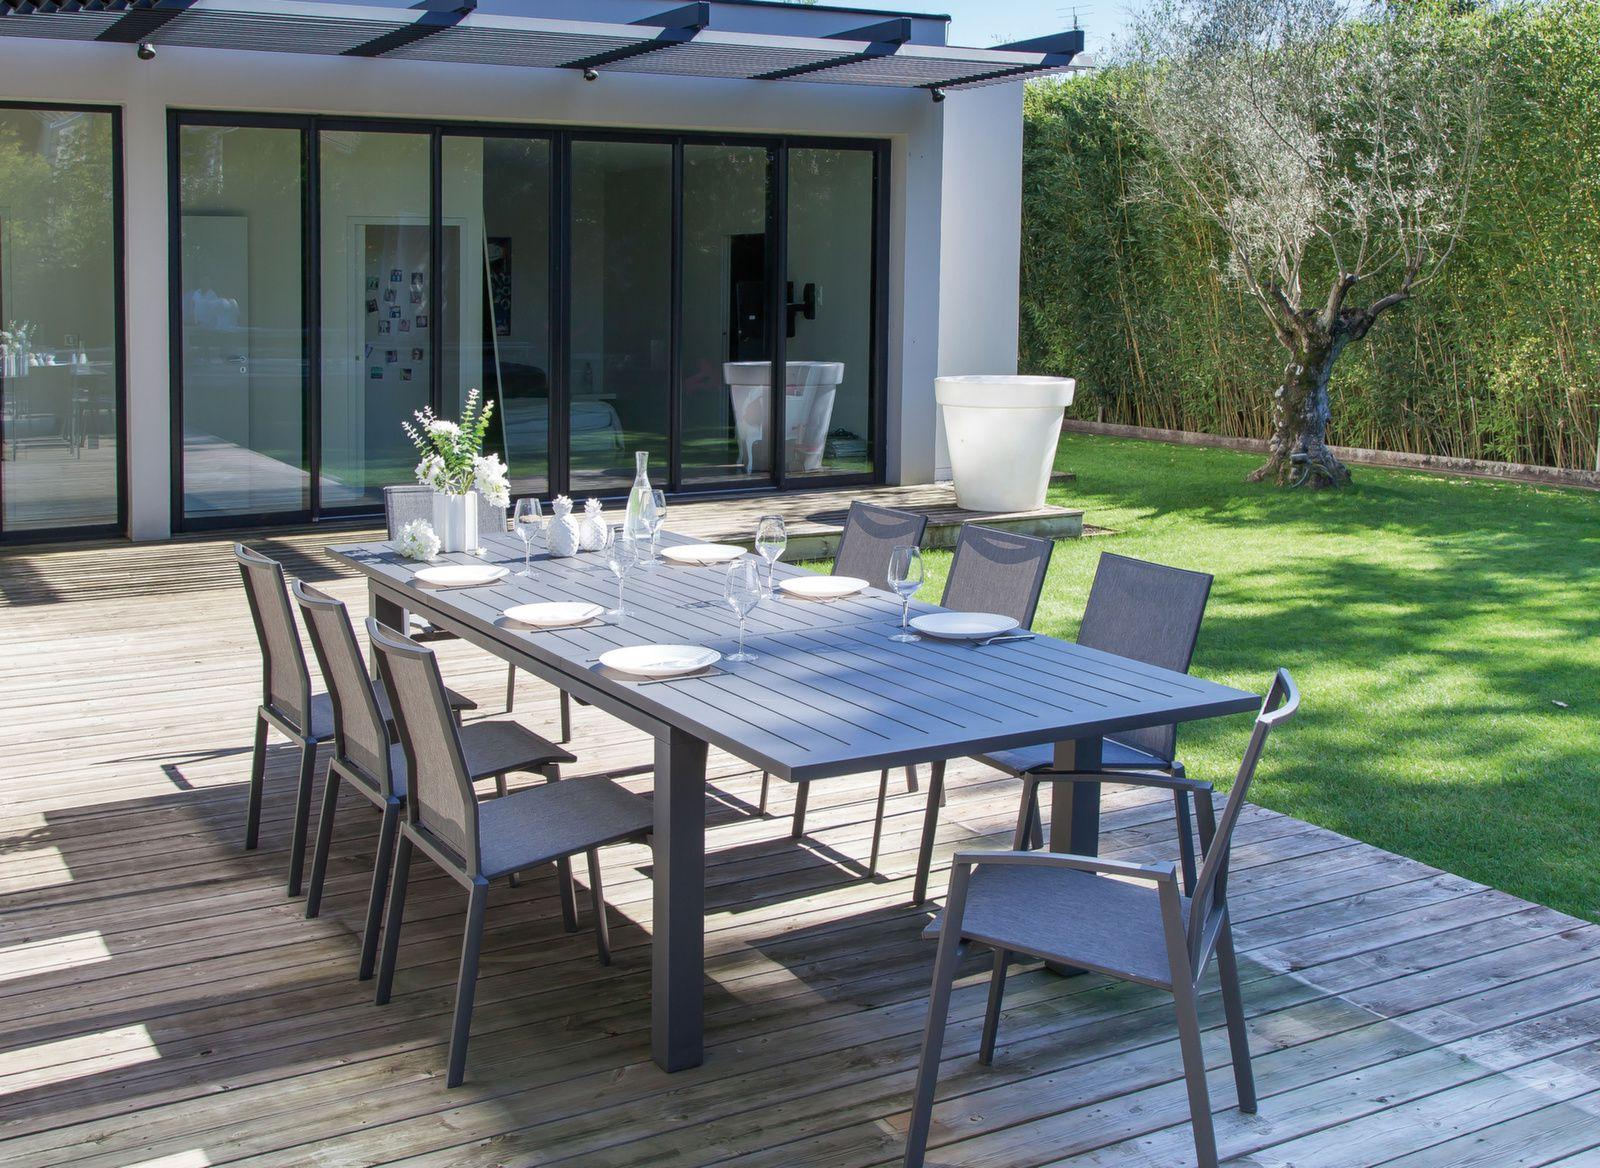 Table Elisa + 8 chaises - Vente de salons de jardin pour le repas fa47b06d0d83